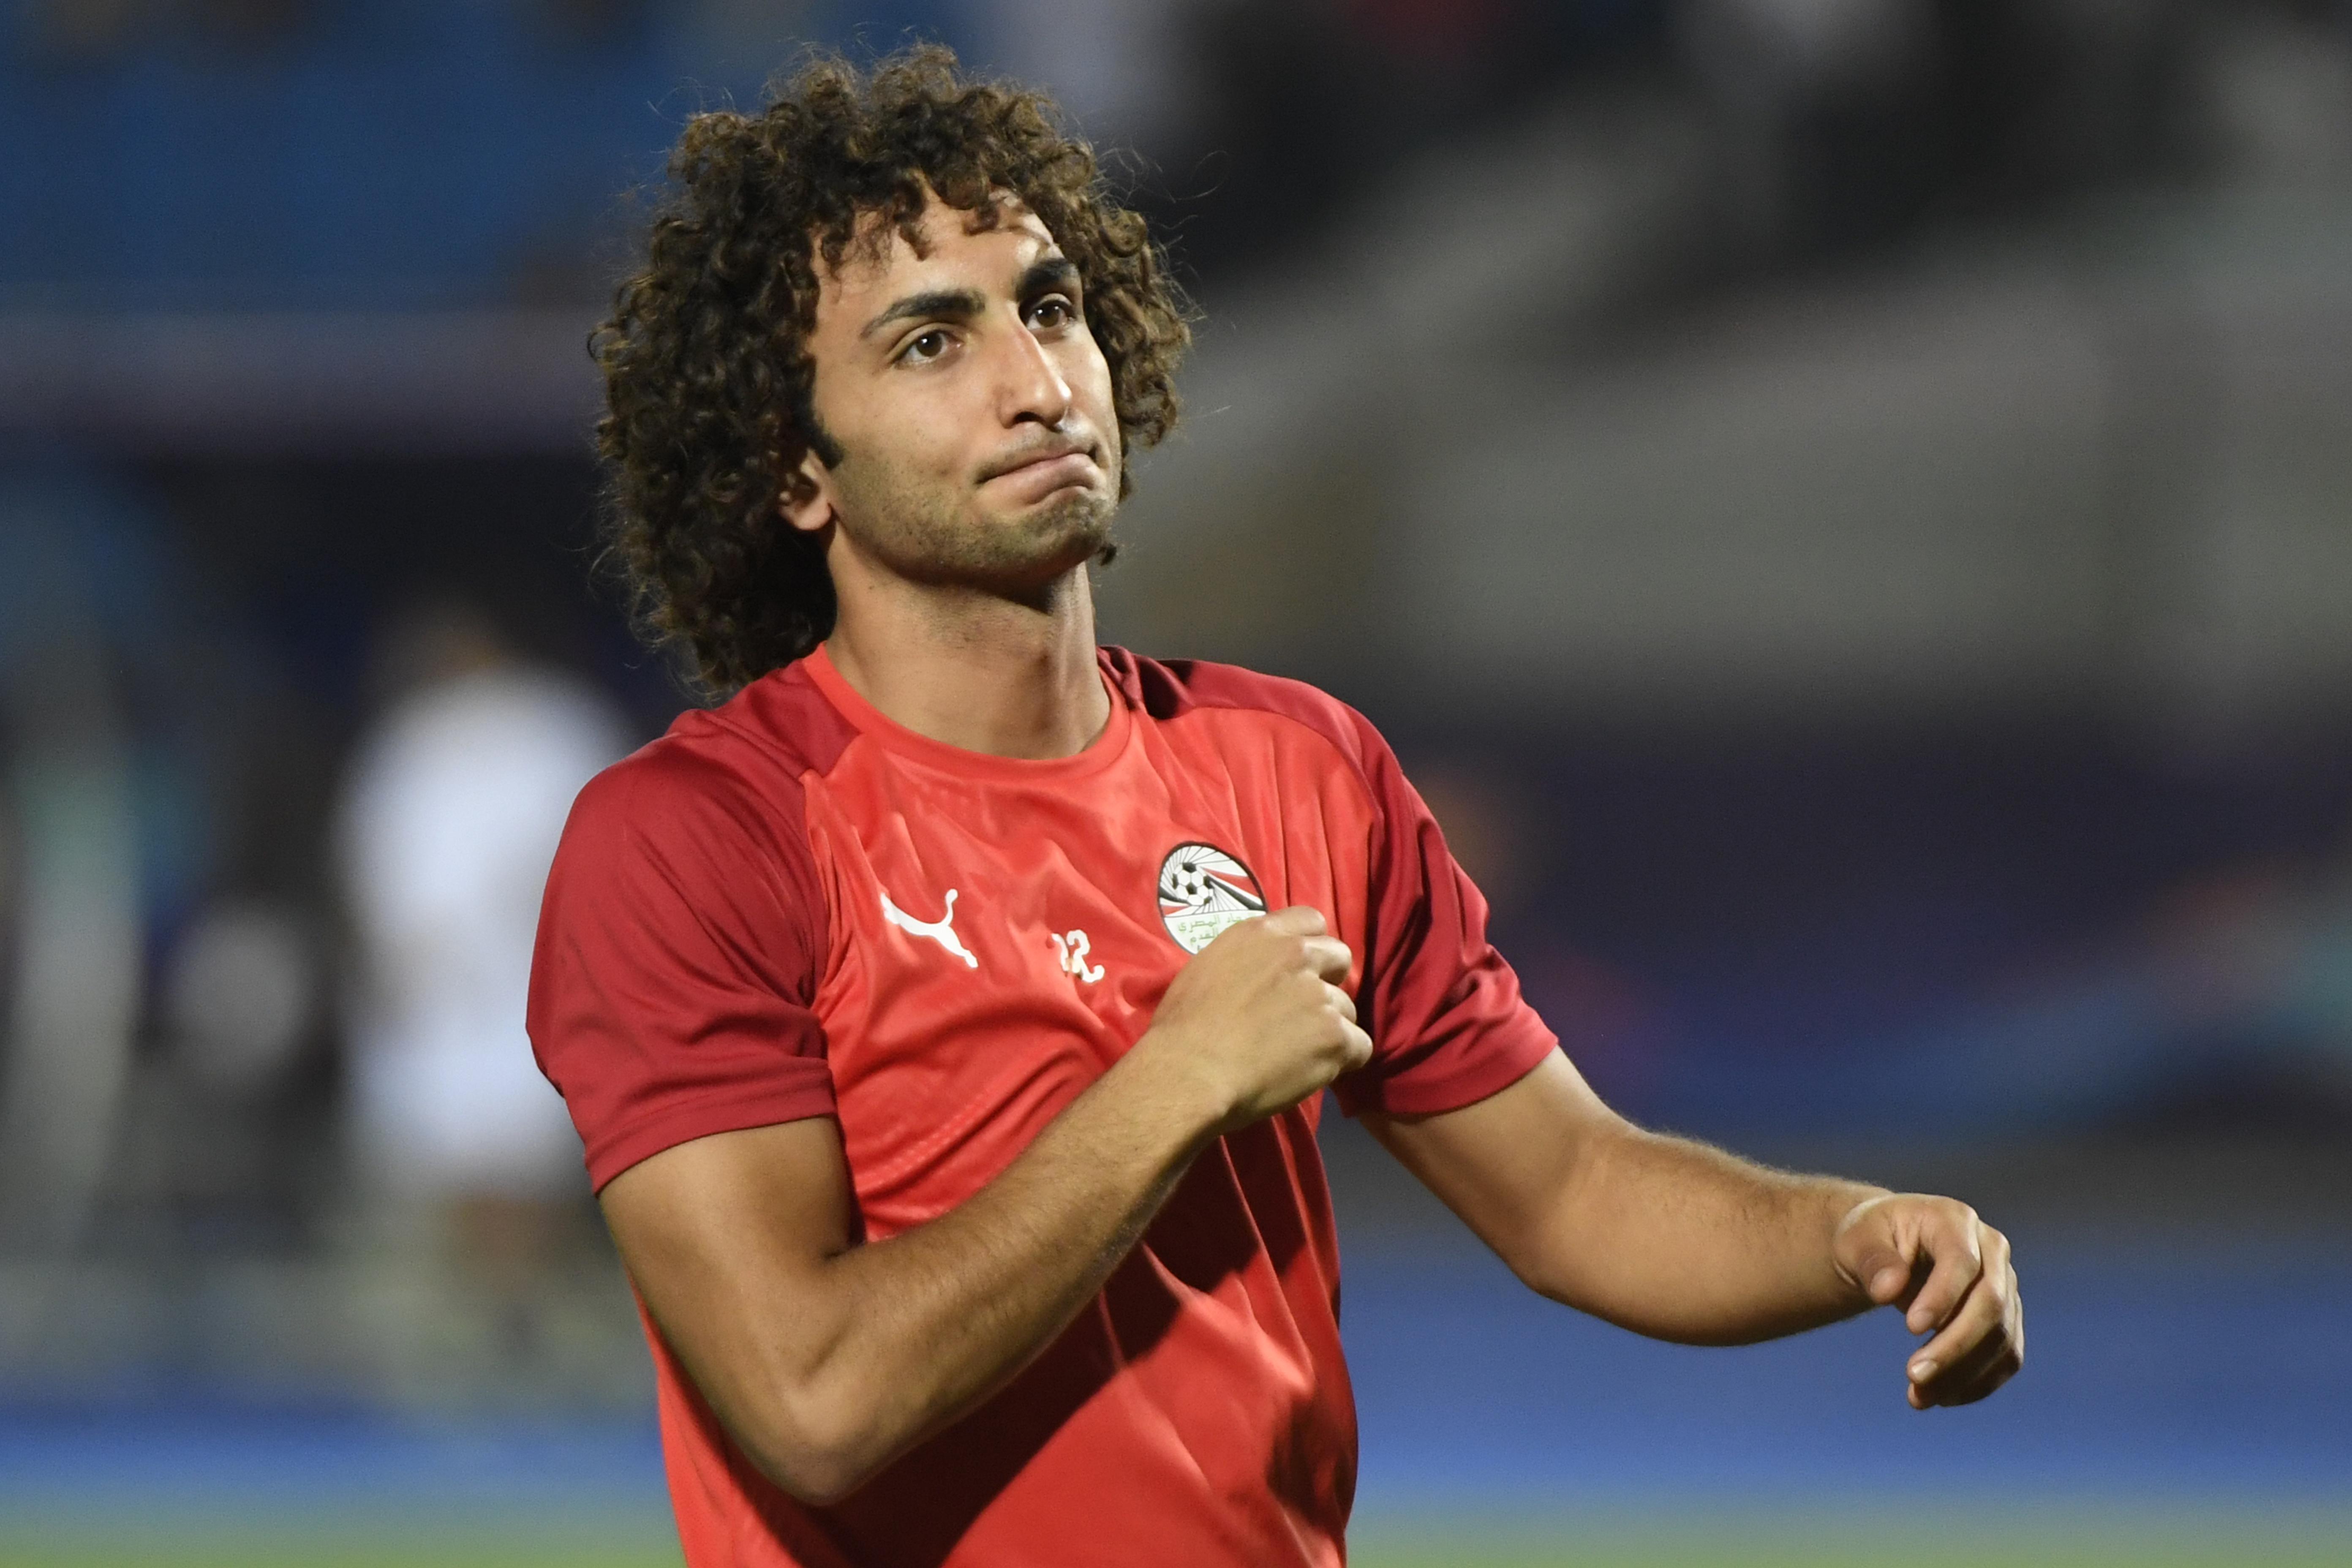 مخالفات انضباطية خطيرة .. حرمان عمرو وردةمن اللعب مجددا   الحرة